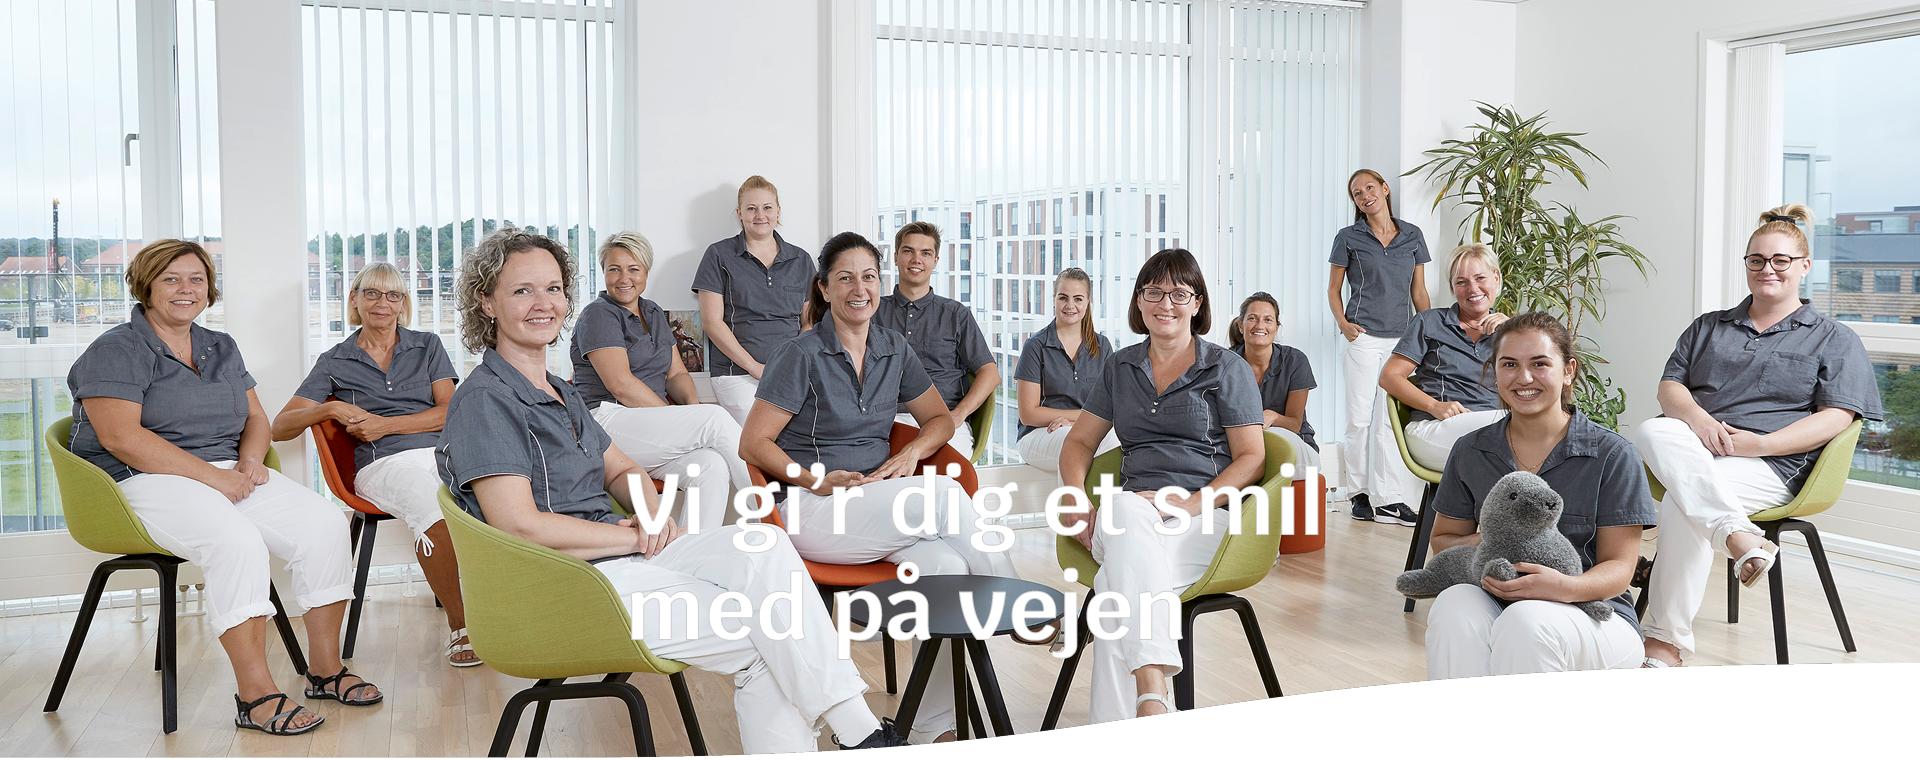 Tandlægehuset Horsens - Velkommen